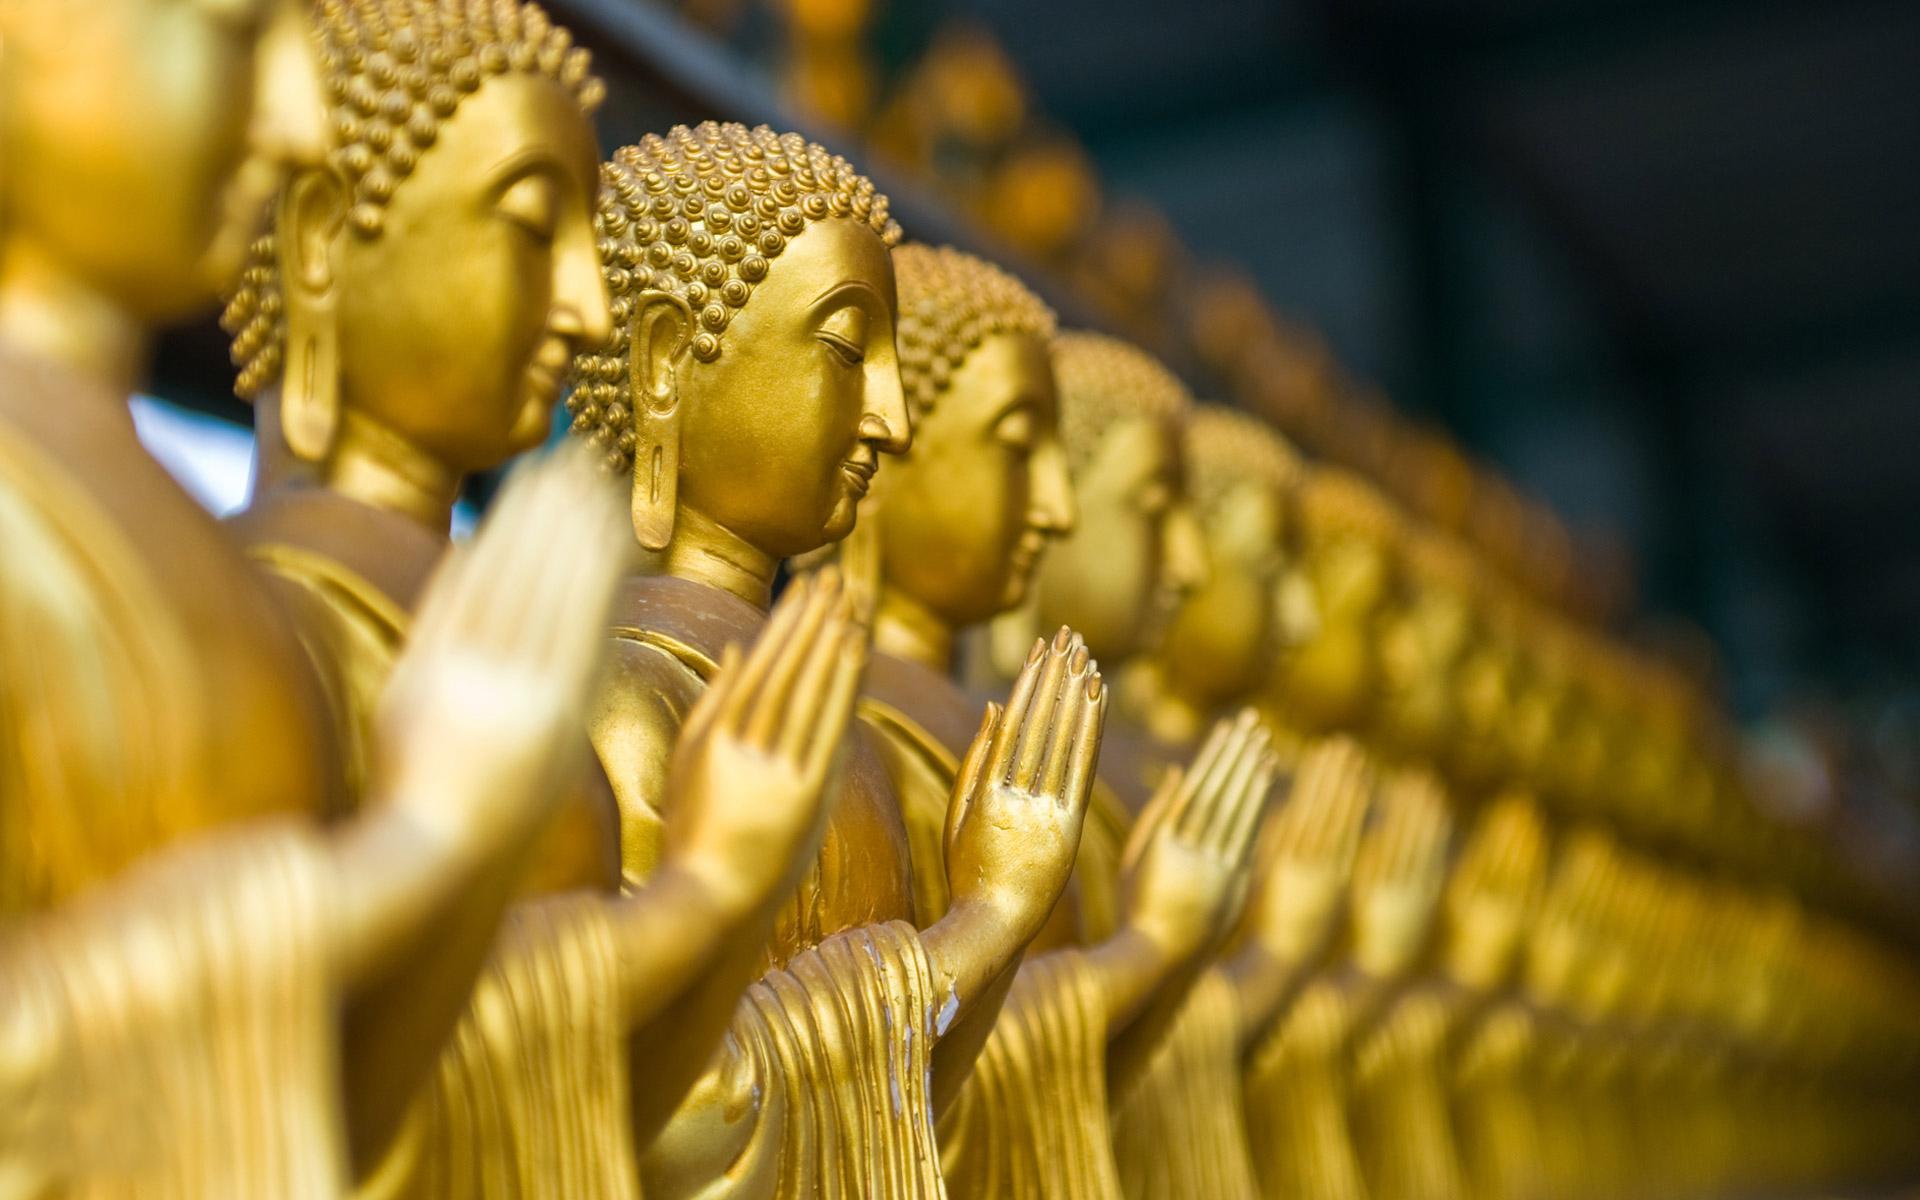 Buddha Wallpaper 8k: 11 Wonderful HD Buddha Wallpapers